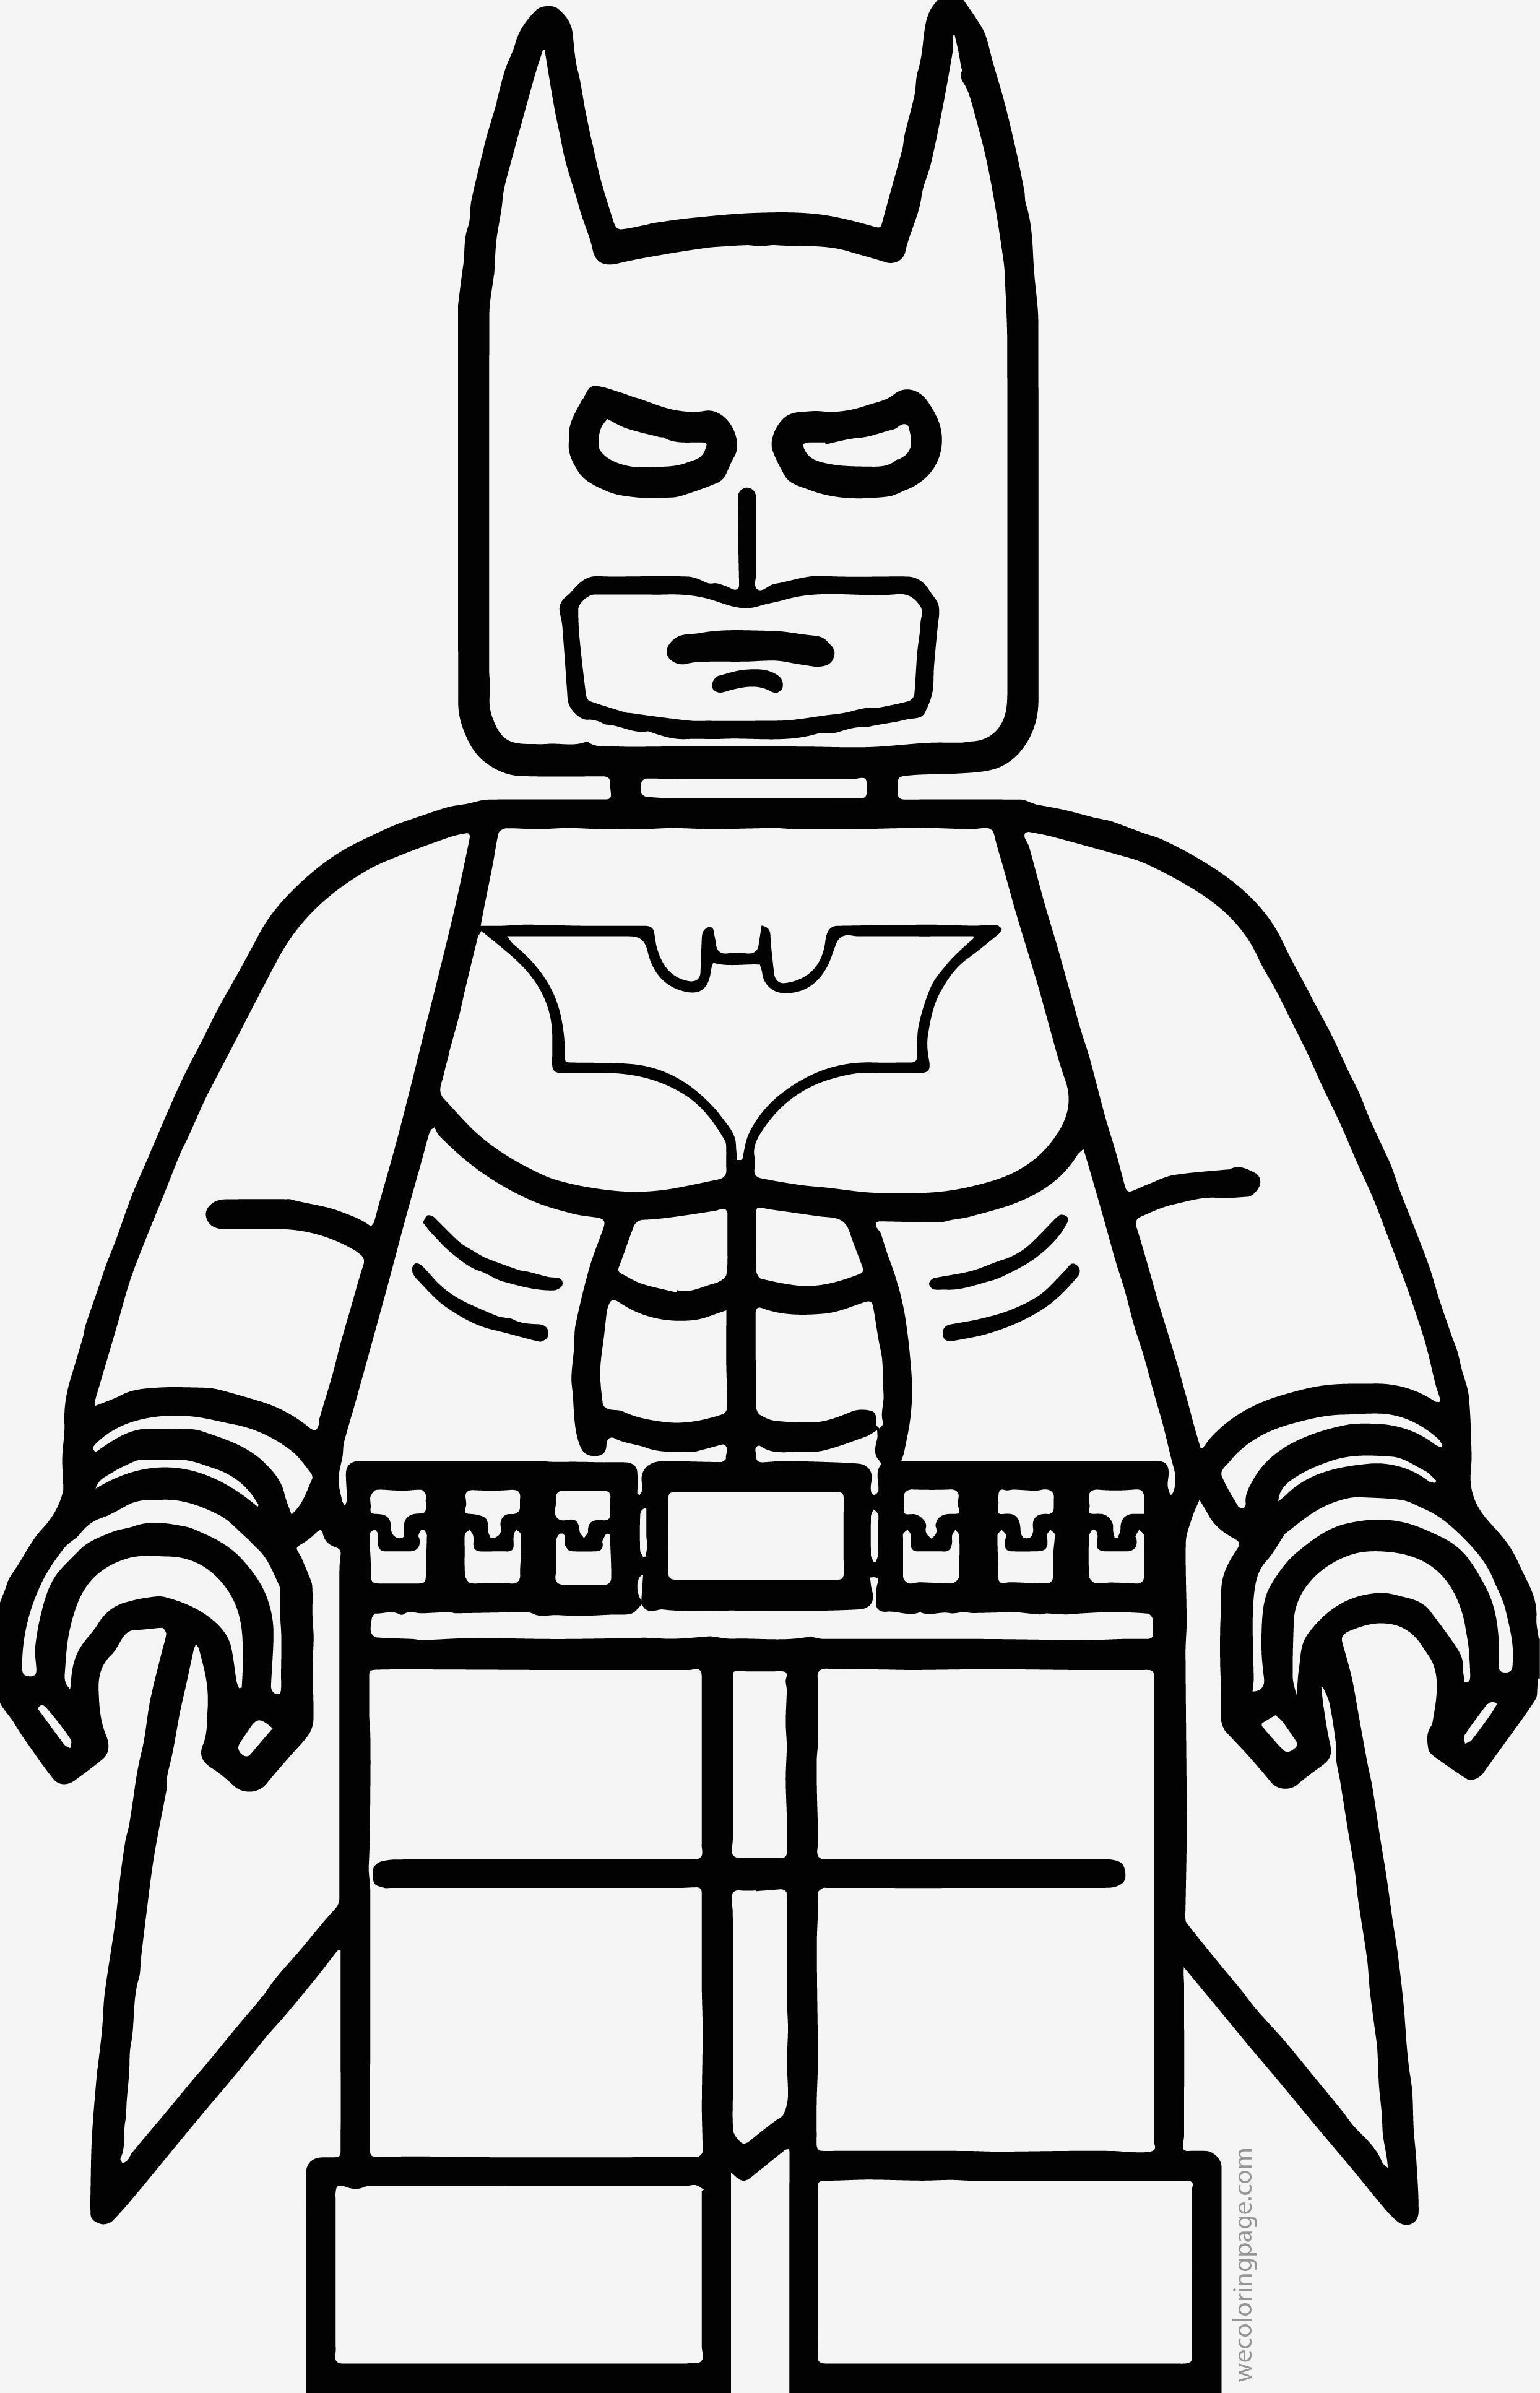 Ausmalbilder Batman Lego Neu Spannende Coloring Bilder Ausmalbilder Batman Das Bild